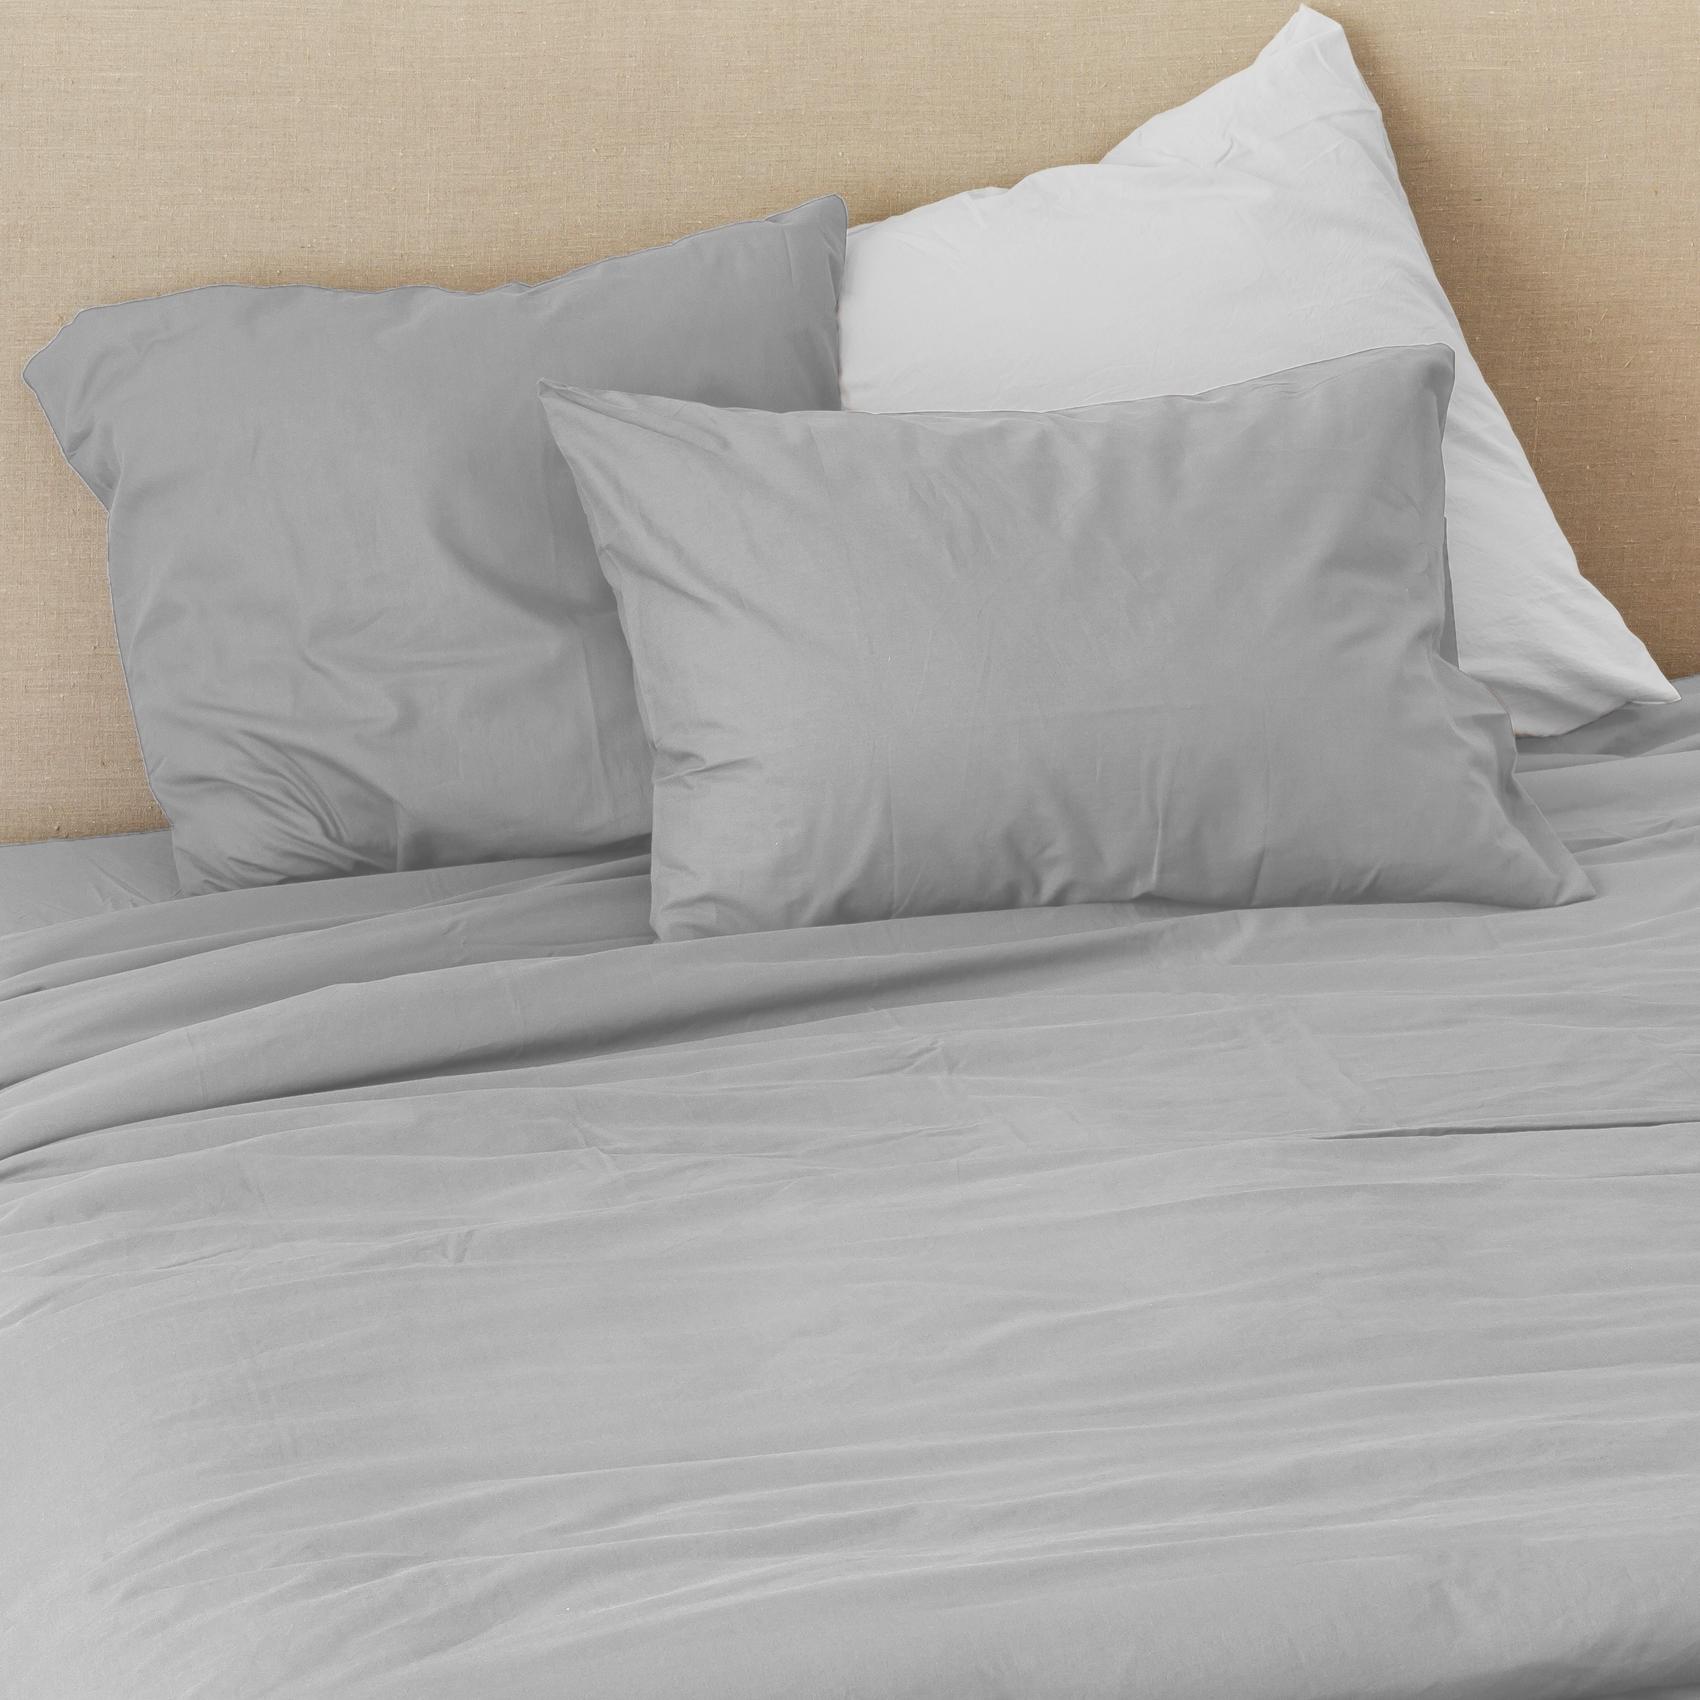 Taie d'oreiller en coton lavé coton flanelle 70x50